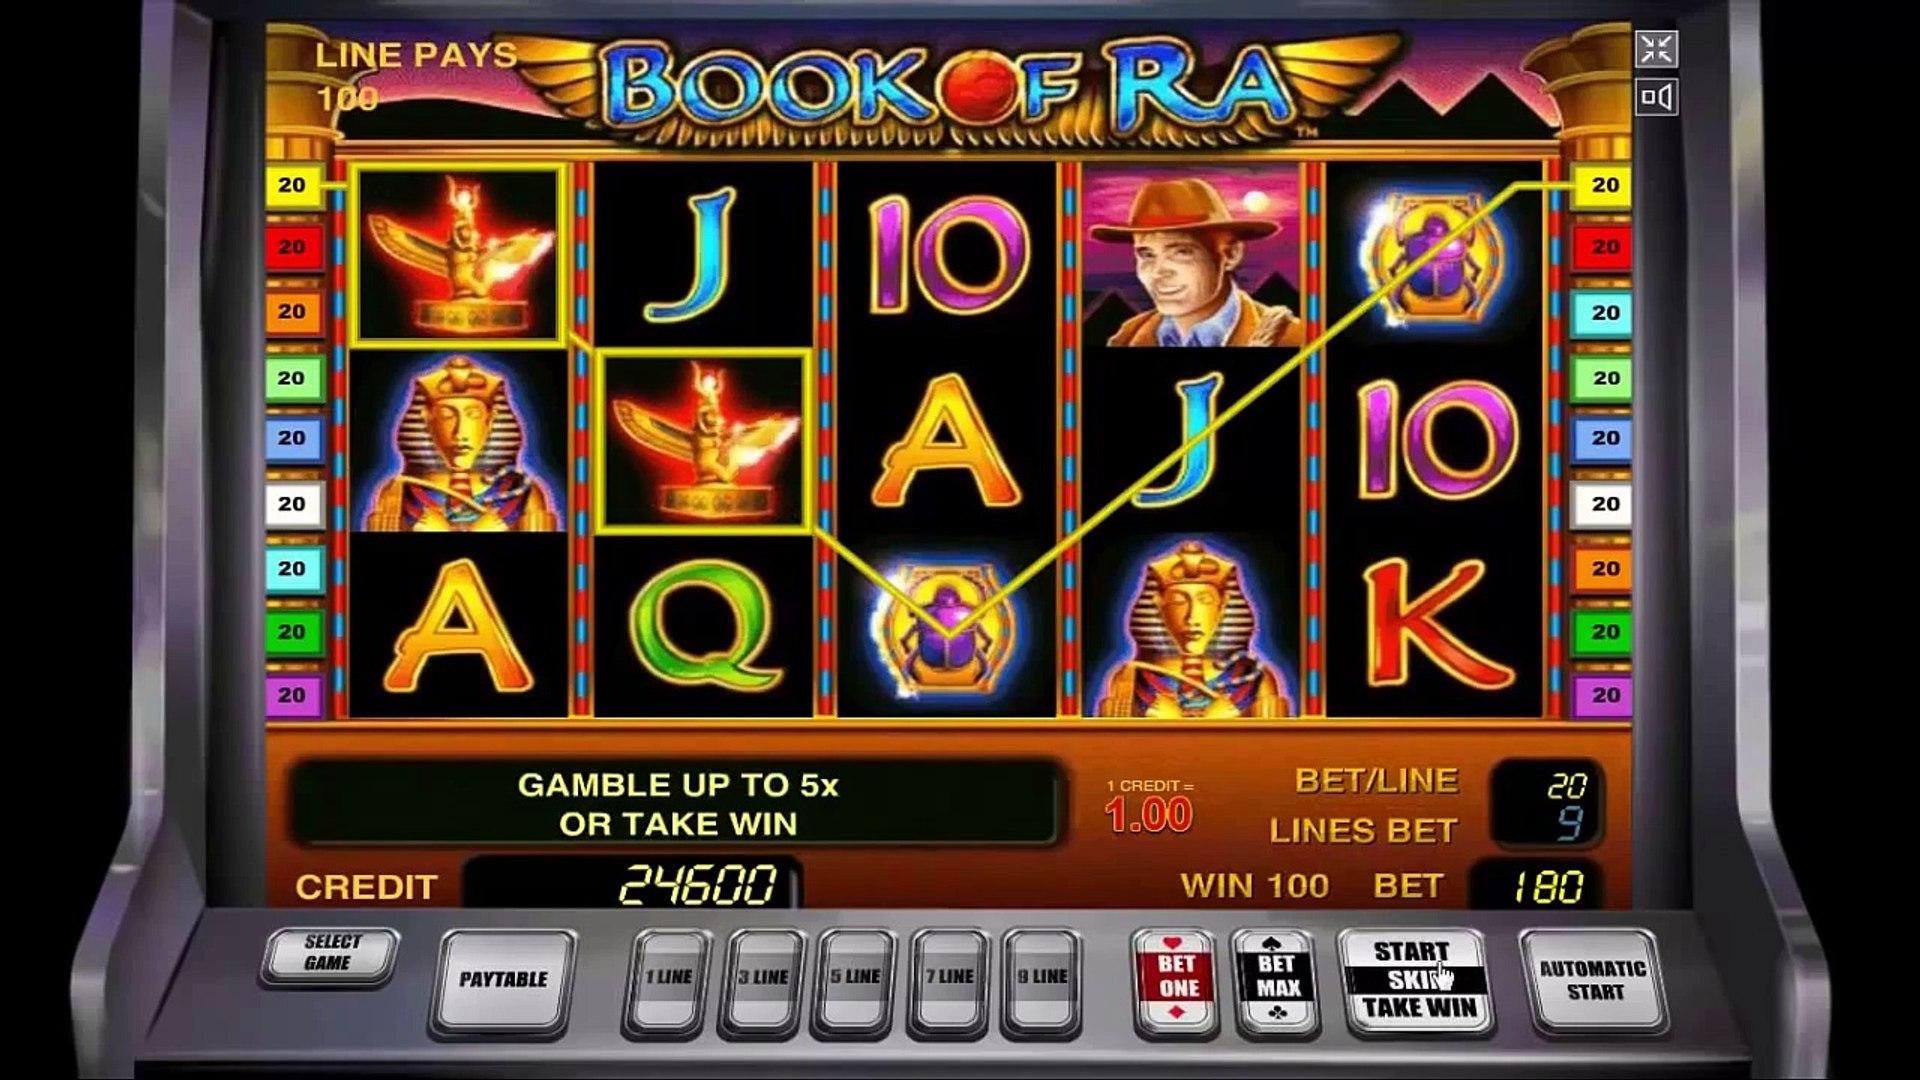 Крупные выигрыши в казино онлайн видео онлайн казино на реальные деньги с подарками